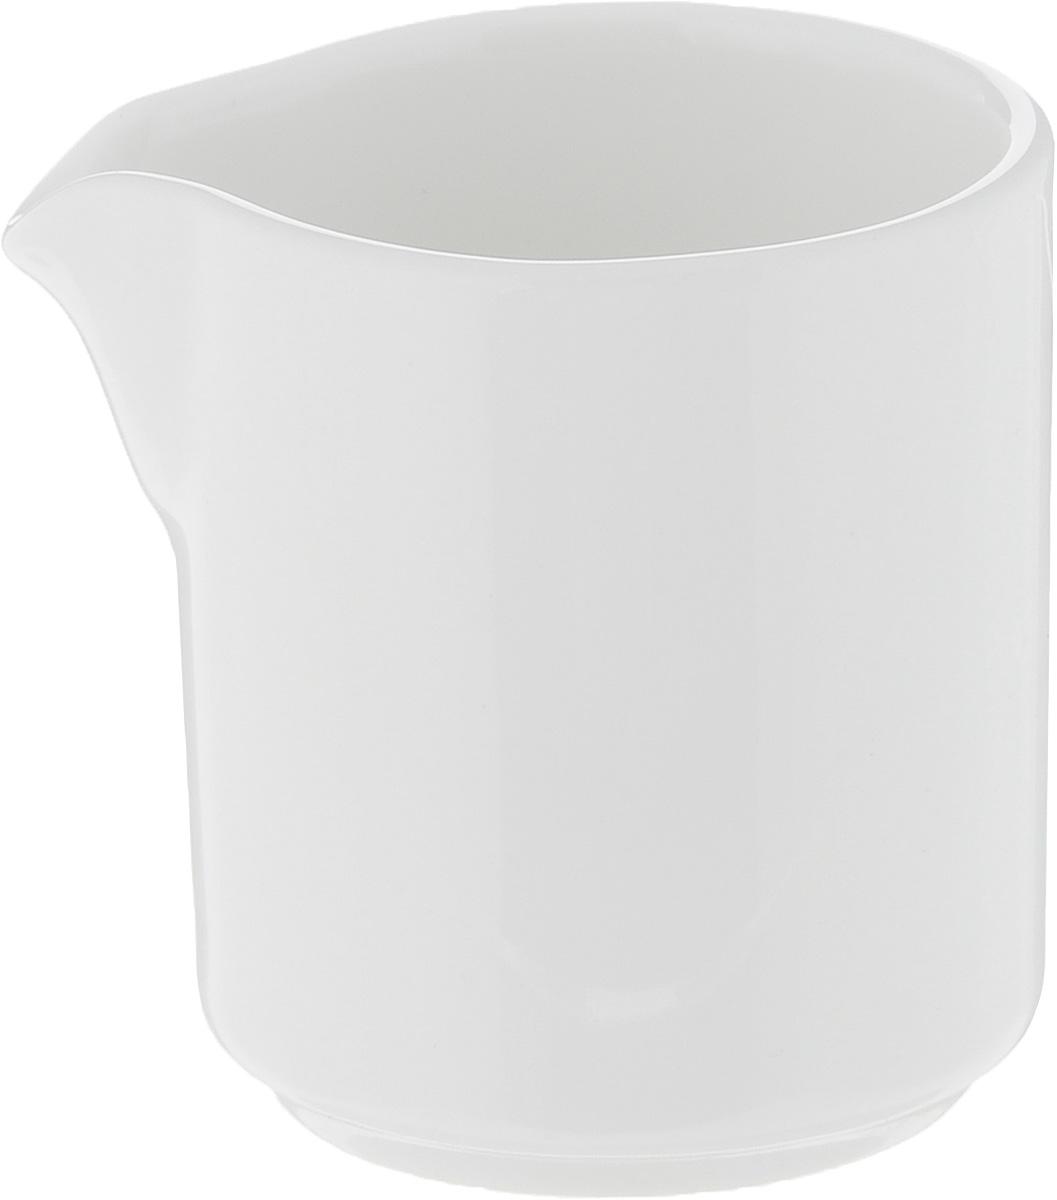 Молочник Ariane Прайм, 50 млWL-995004 / AМолочник Ariane Прайм изготовлен из высококачественного фарфора с глазурованным покрытием. Изделие предназначено для сервировки сливок или молока. Такой молочник отлично подойдет как для праздничного чаепития, так и для повседневного использования. Изделие функциональное, практичное и легкое в уходе. Можно мыть в посудомоечной машине и использовать в СВЧ.Диаметр (по верхнему краю): 4,5 см.Высота: 5,5 см.